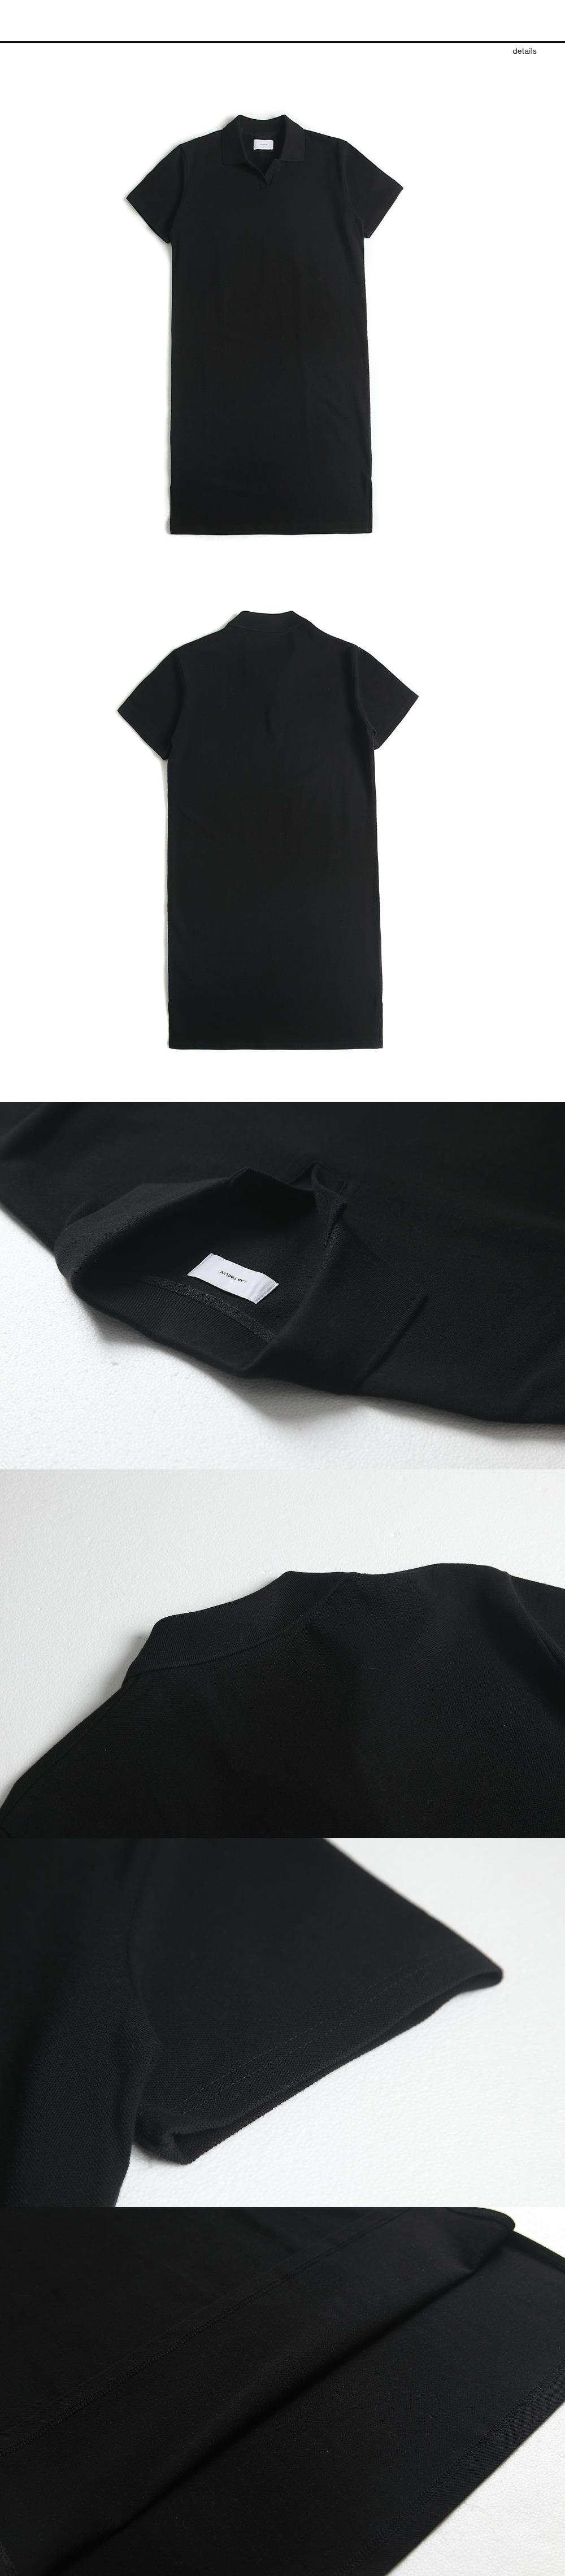 랩12(LAB12) 19S/S 오버핏 피케원피스 (블랙)